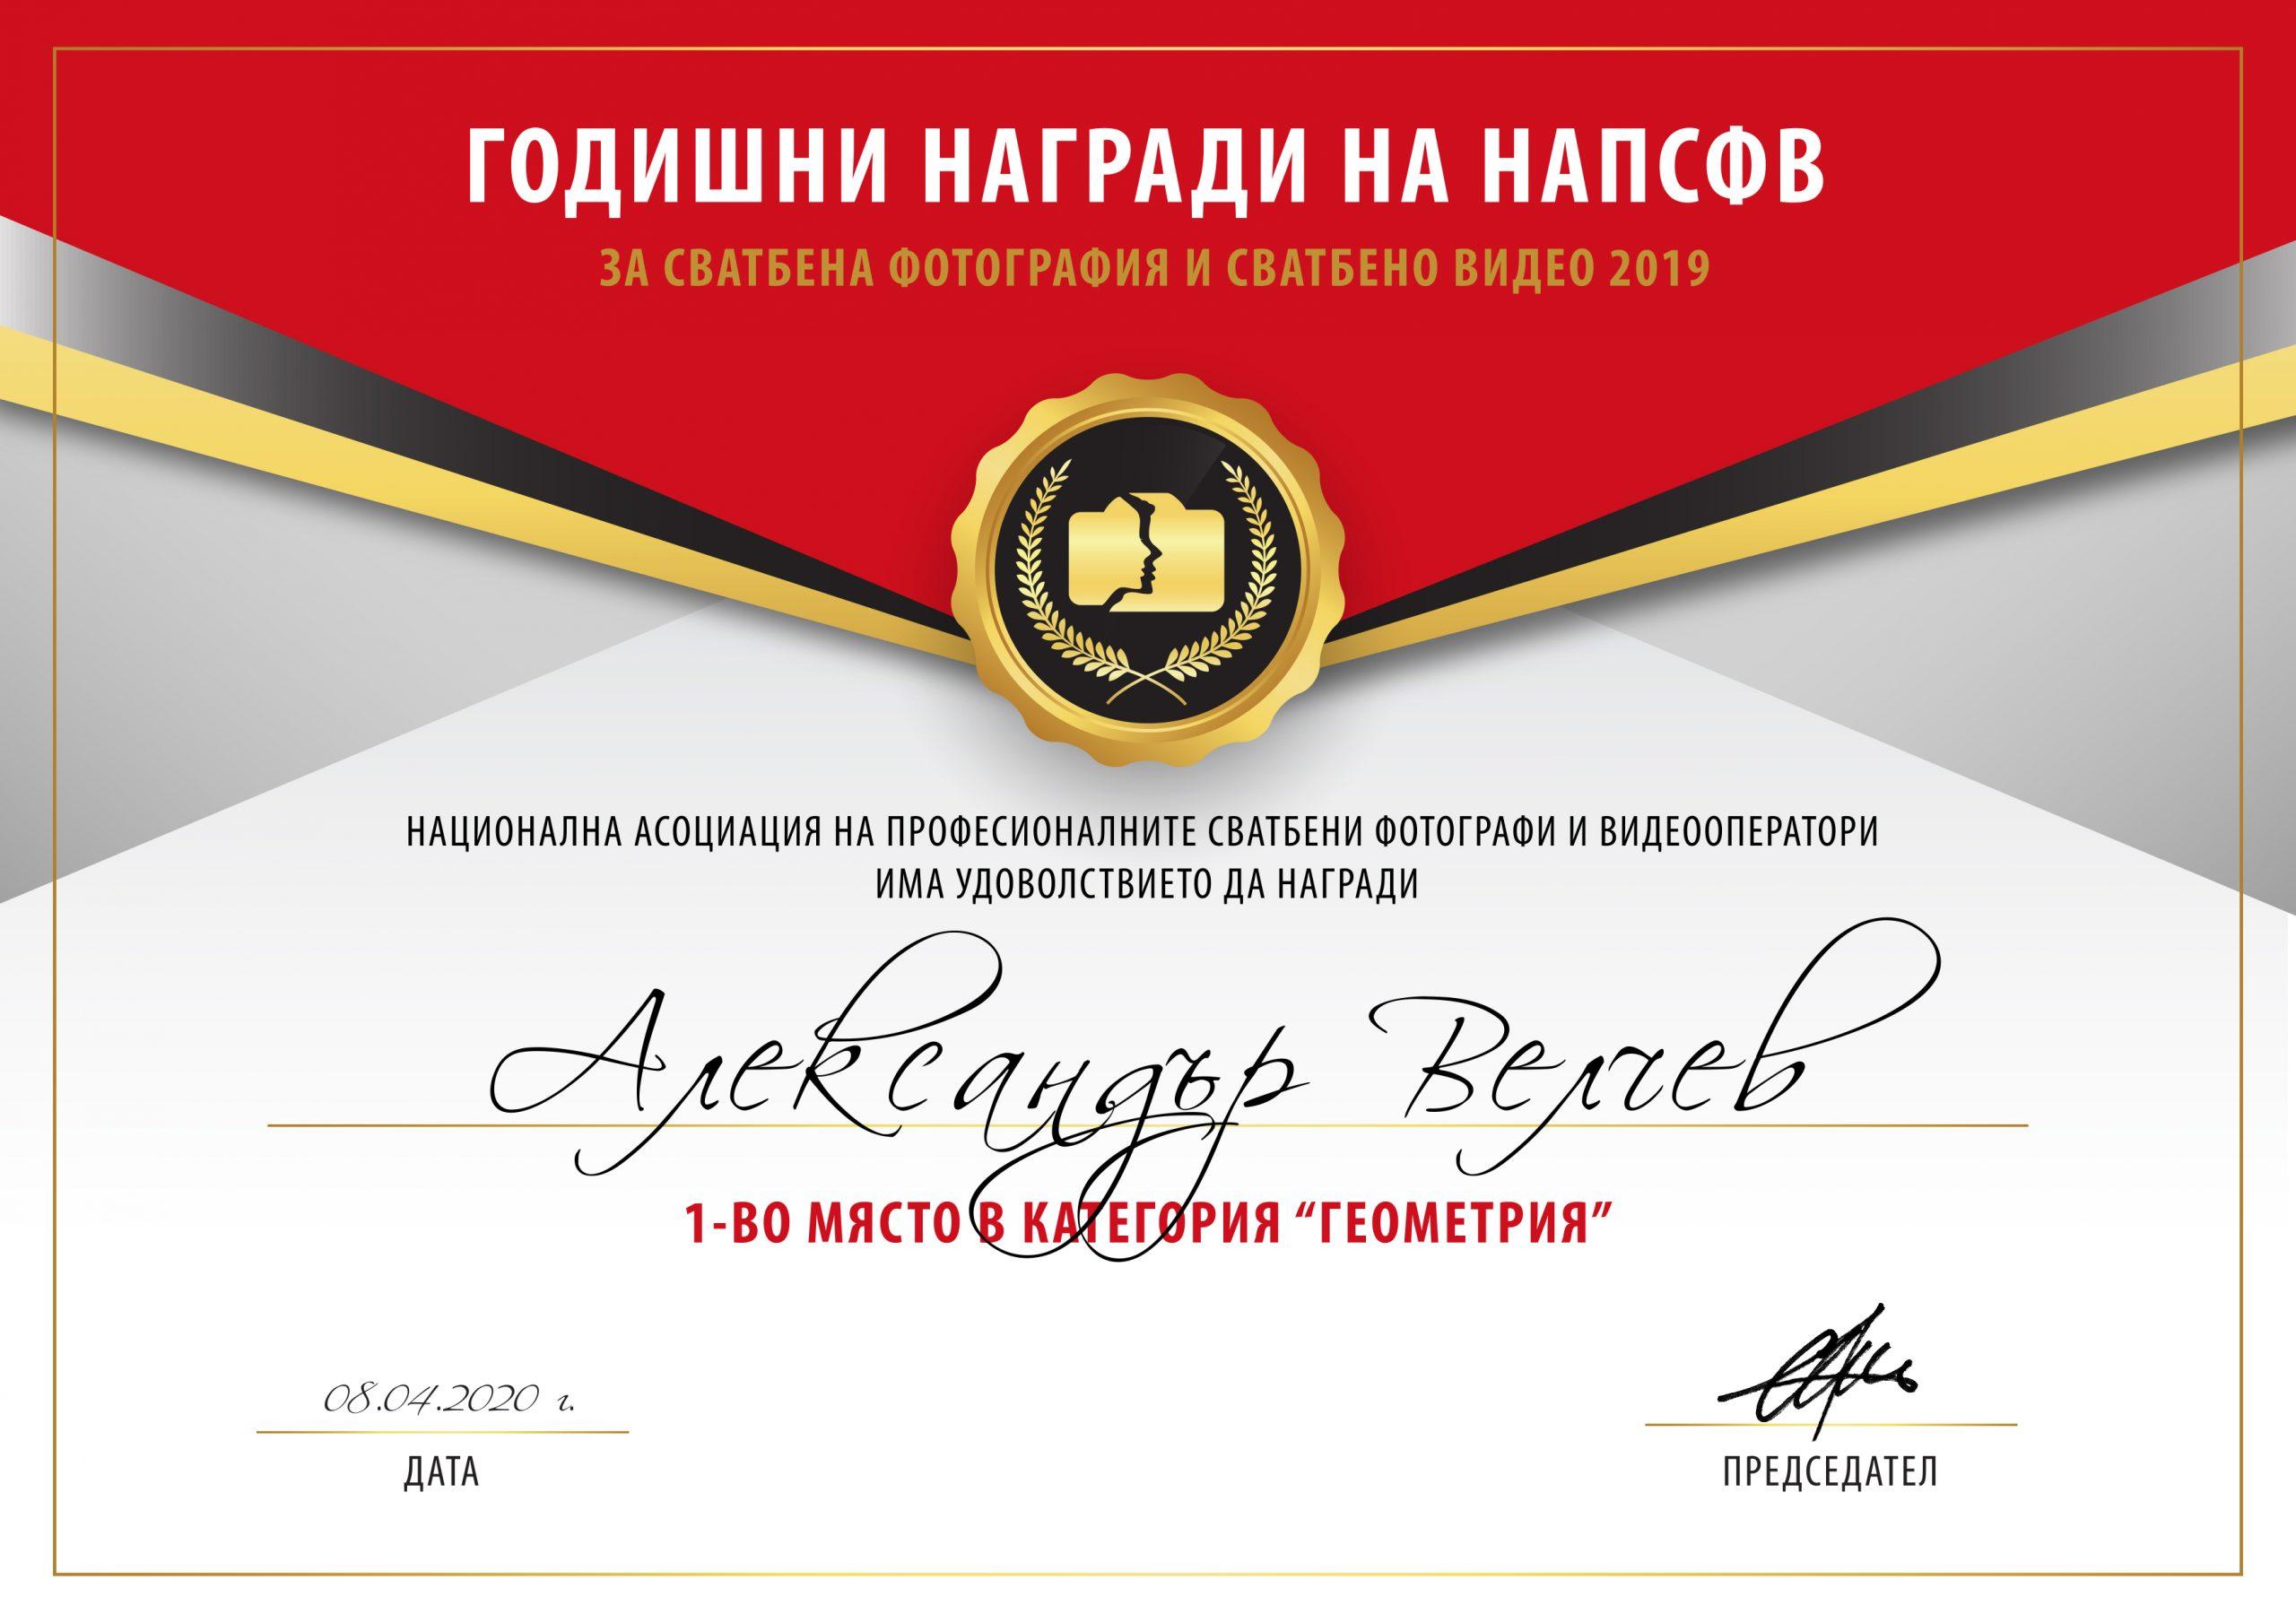 Награди - Професионален сватбен фотограф - Алекс Велчев